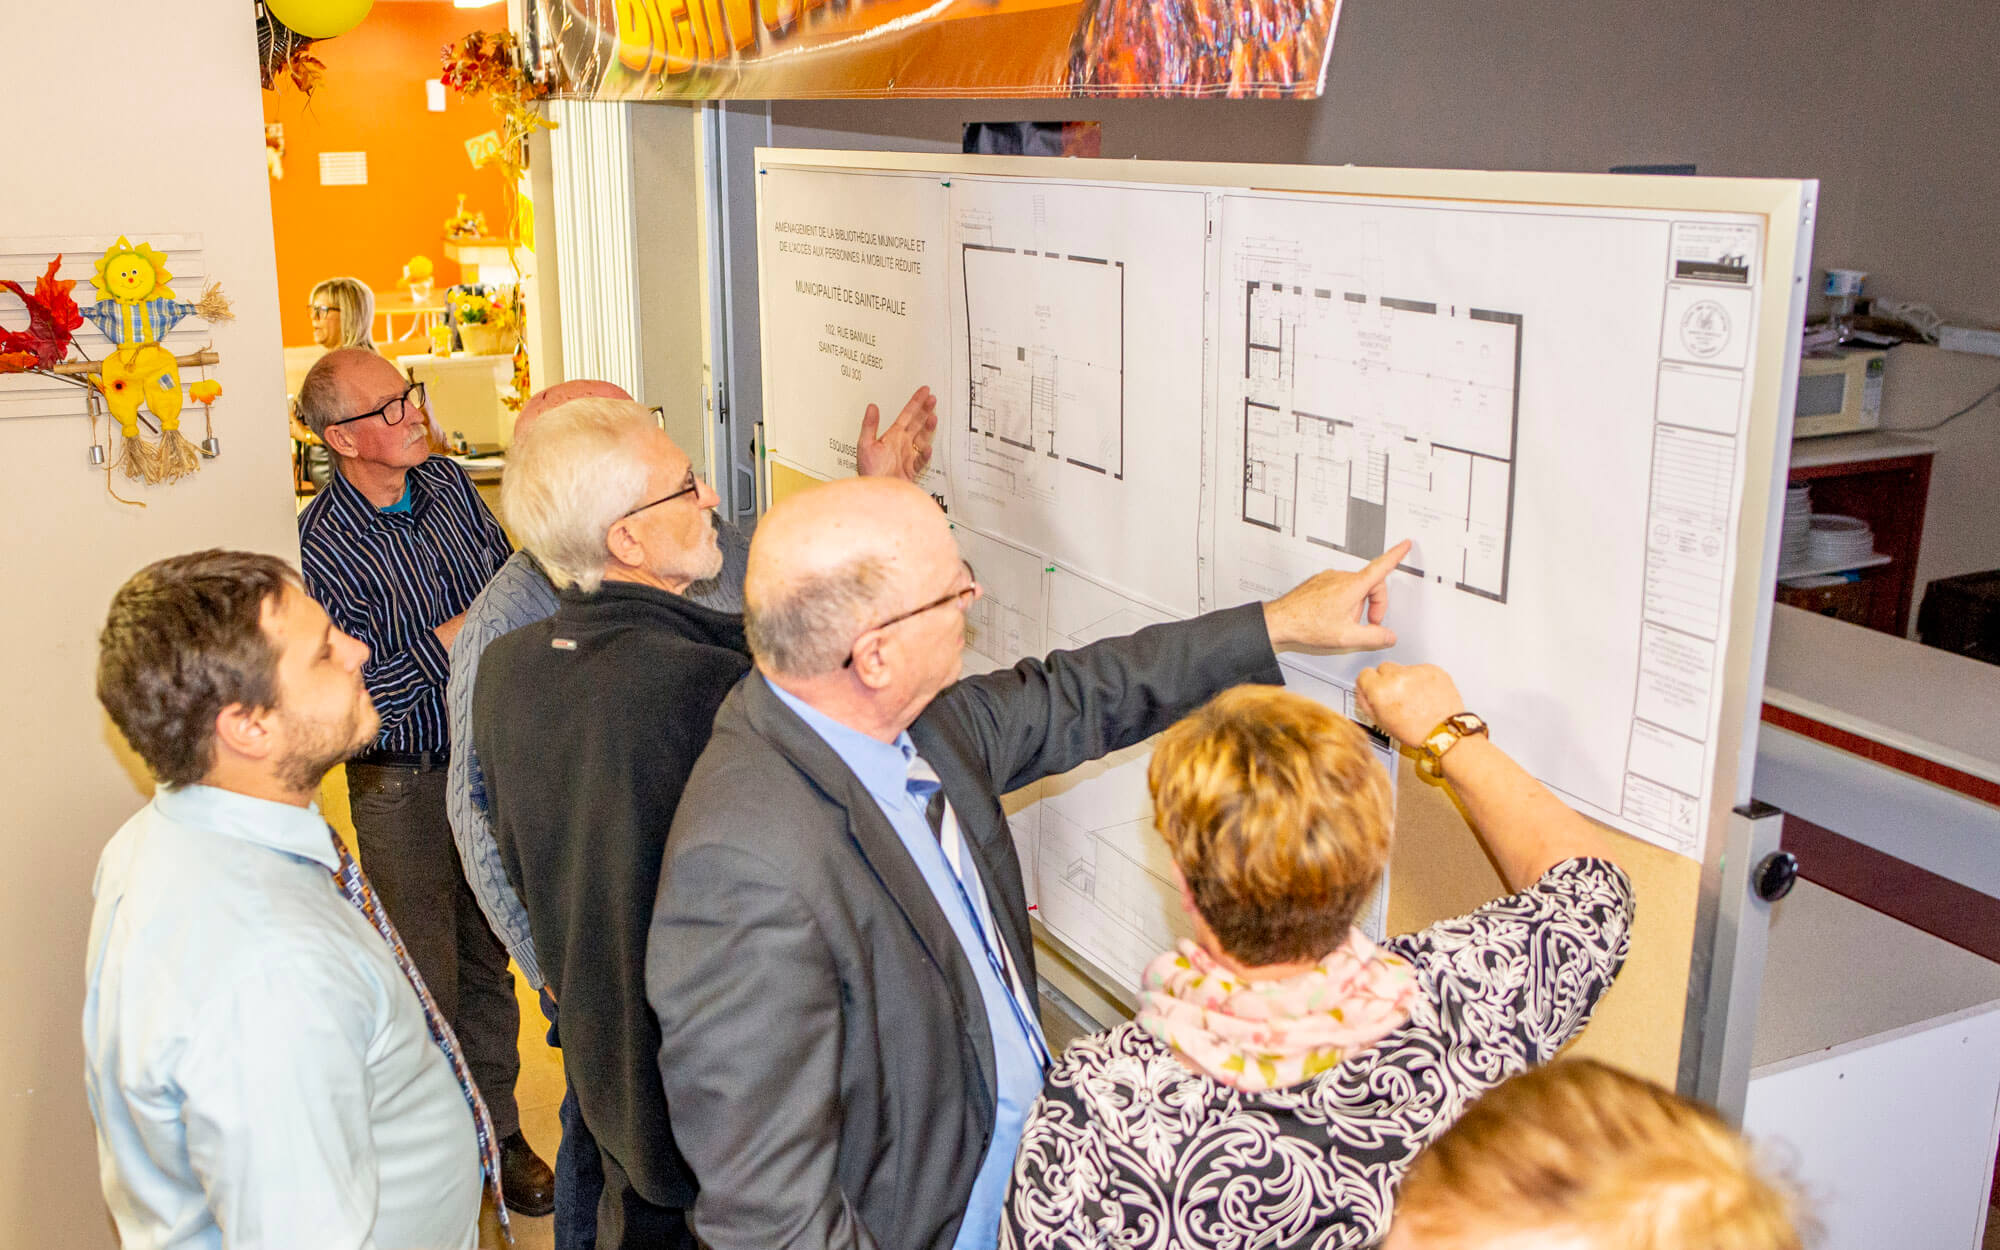 Projet travaux centre communautaire Sainte-Paule édifice municipal bibliothèque